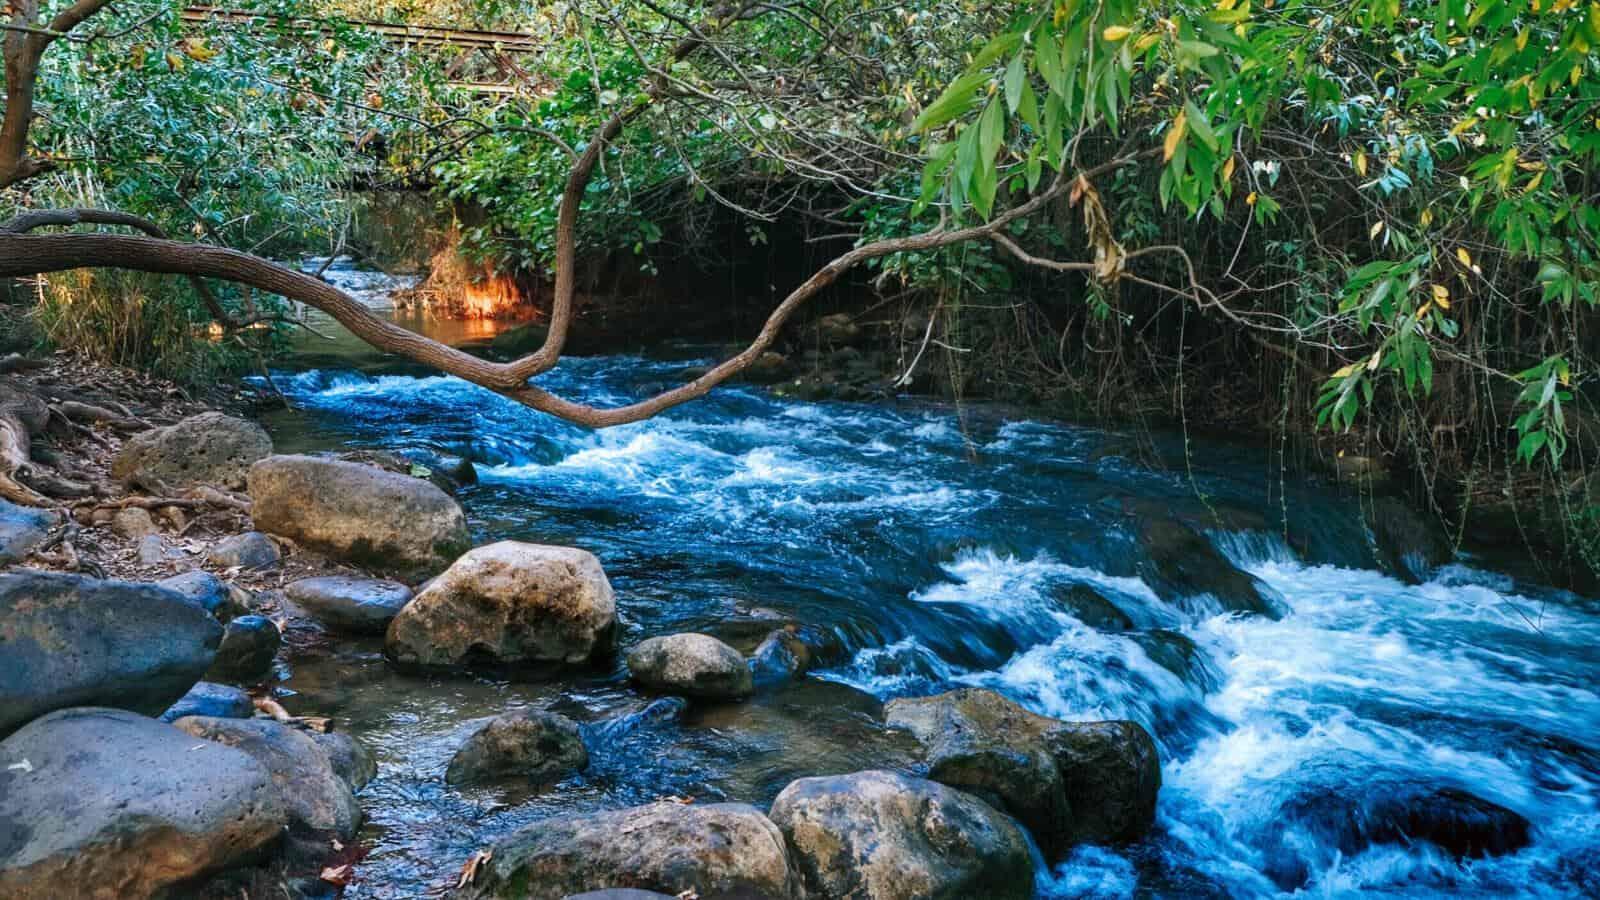 נהר הירדן והבניאס